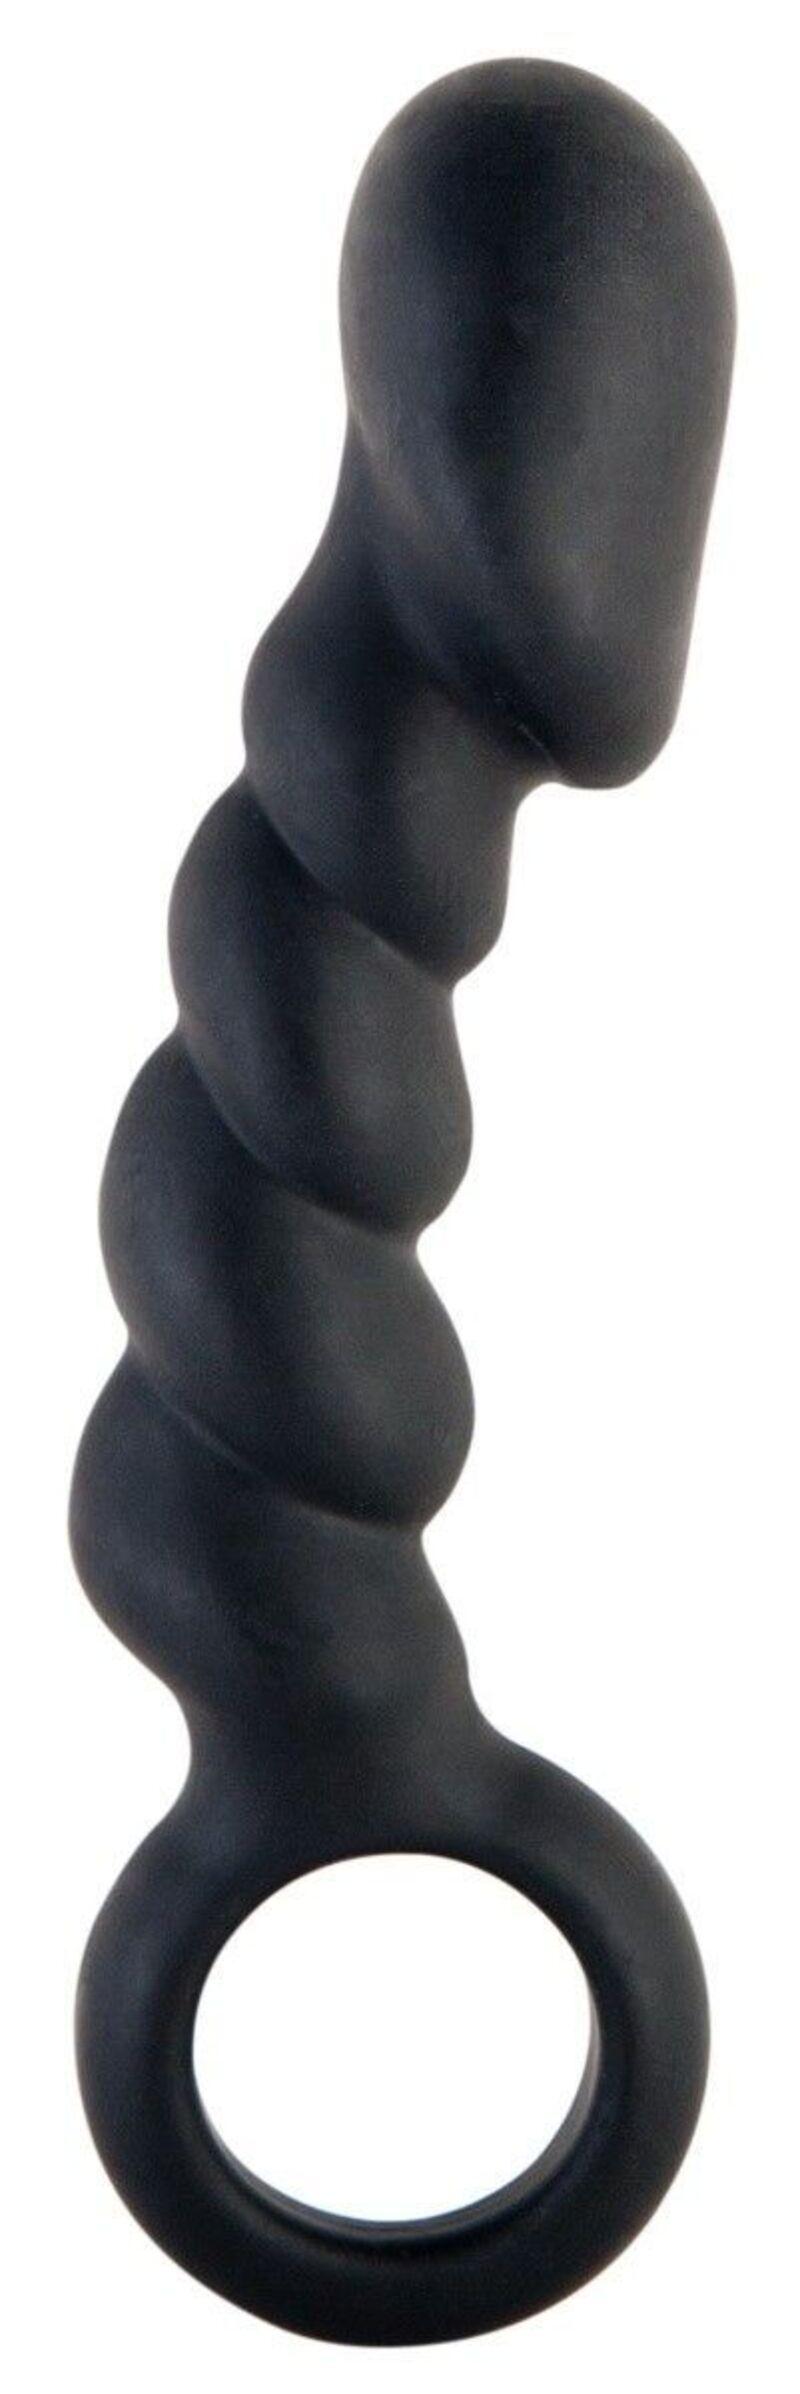 Анальный фаллоимитатор TOYFA Black&Red, силикон, чёрный, 10 см